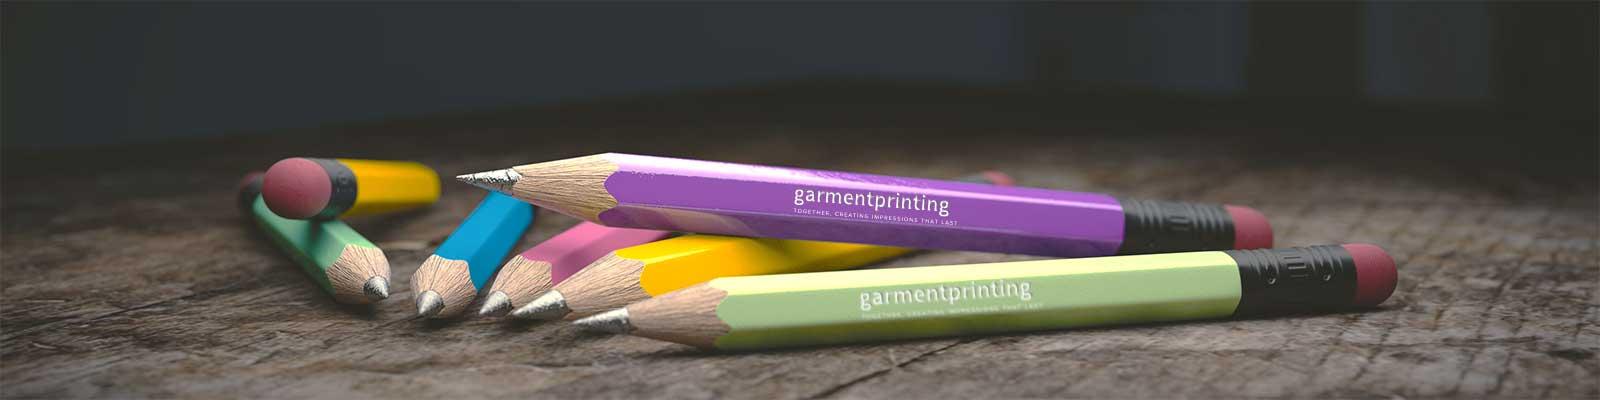 pennen bedrukken voorbeeld